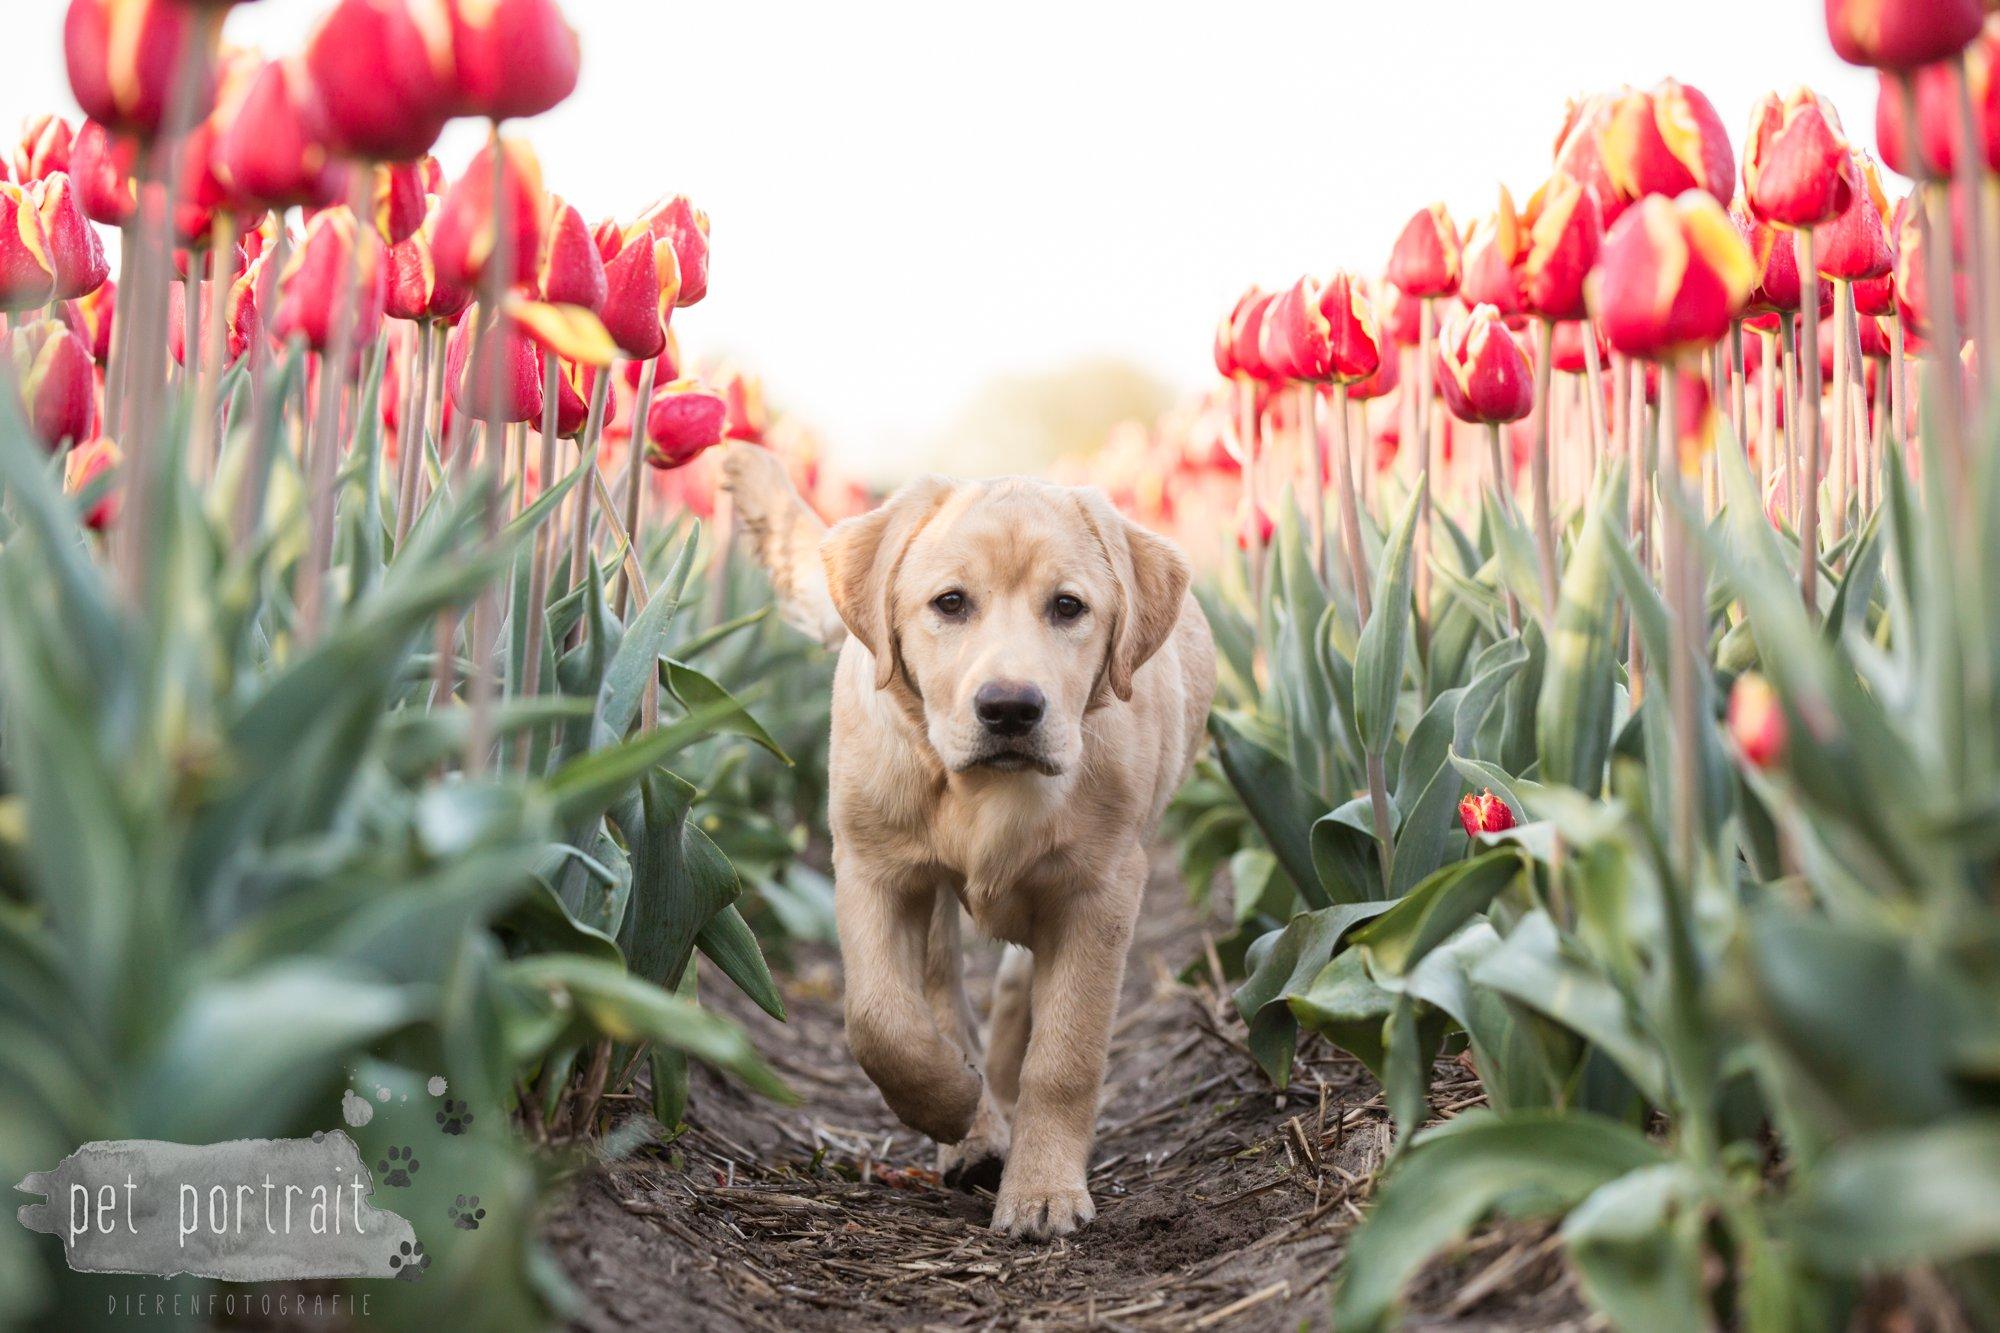 Hondenfotograaf Bollenstreek - Labradors tussen de tulpen